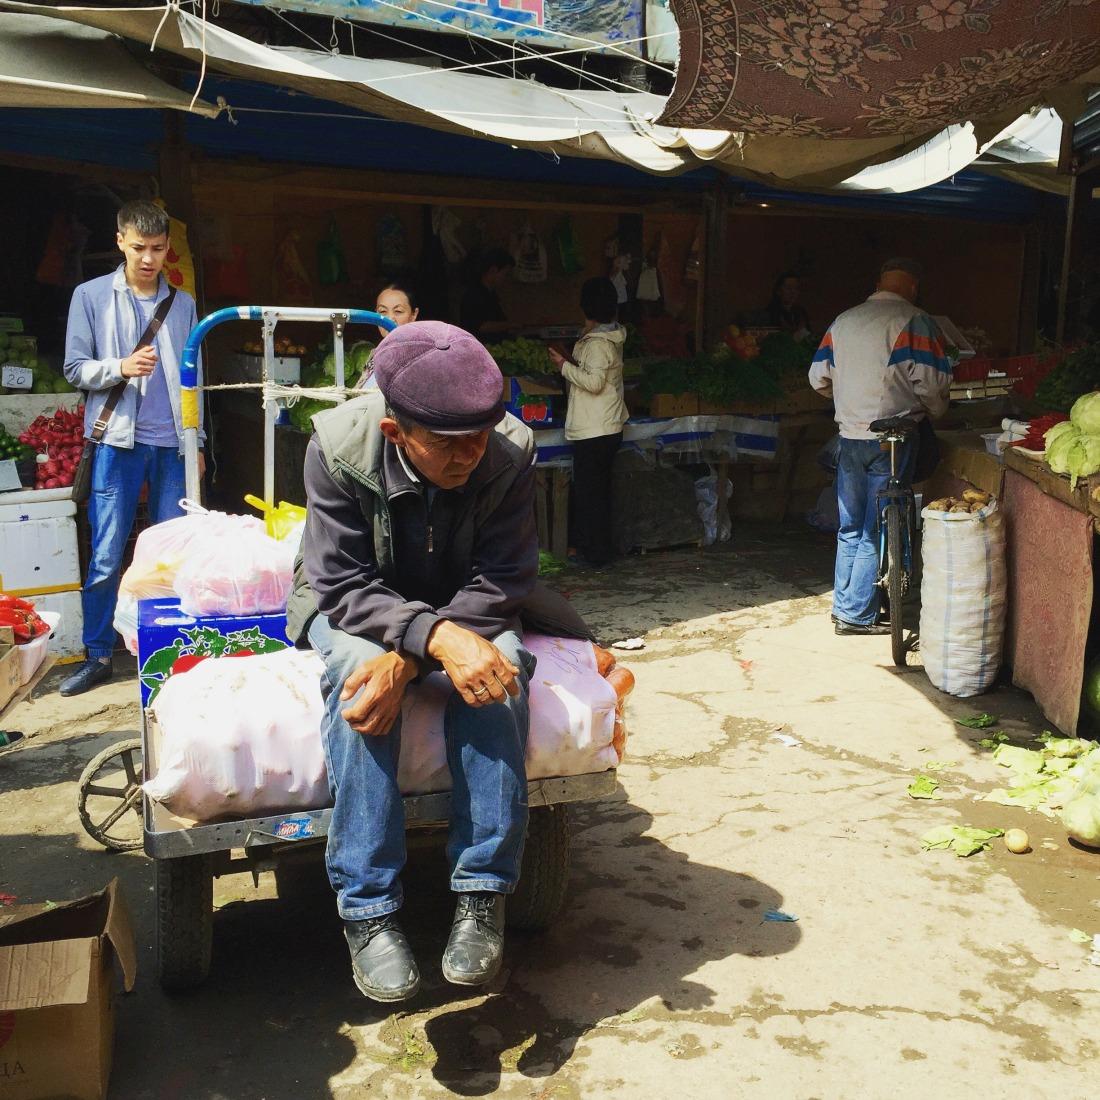 Markt in Bishkek, Kirgizië